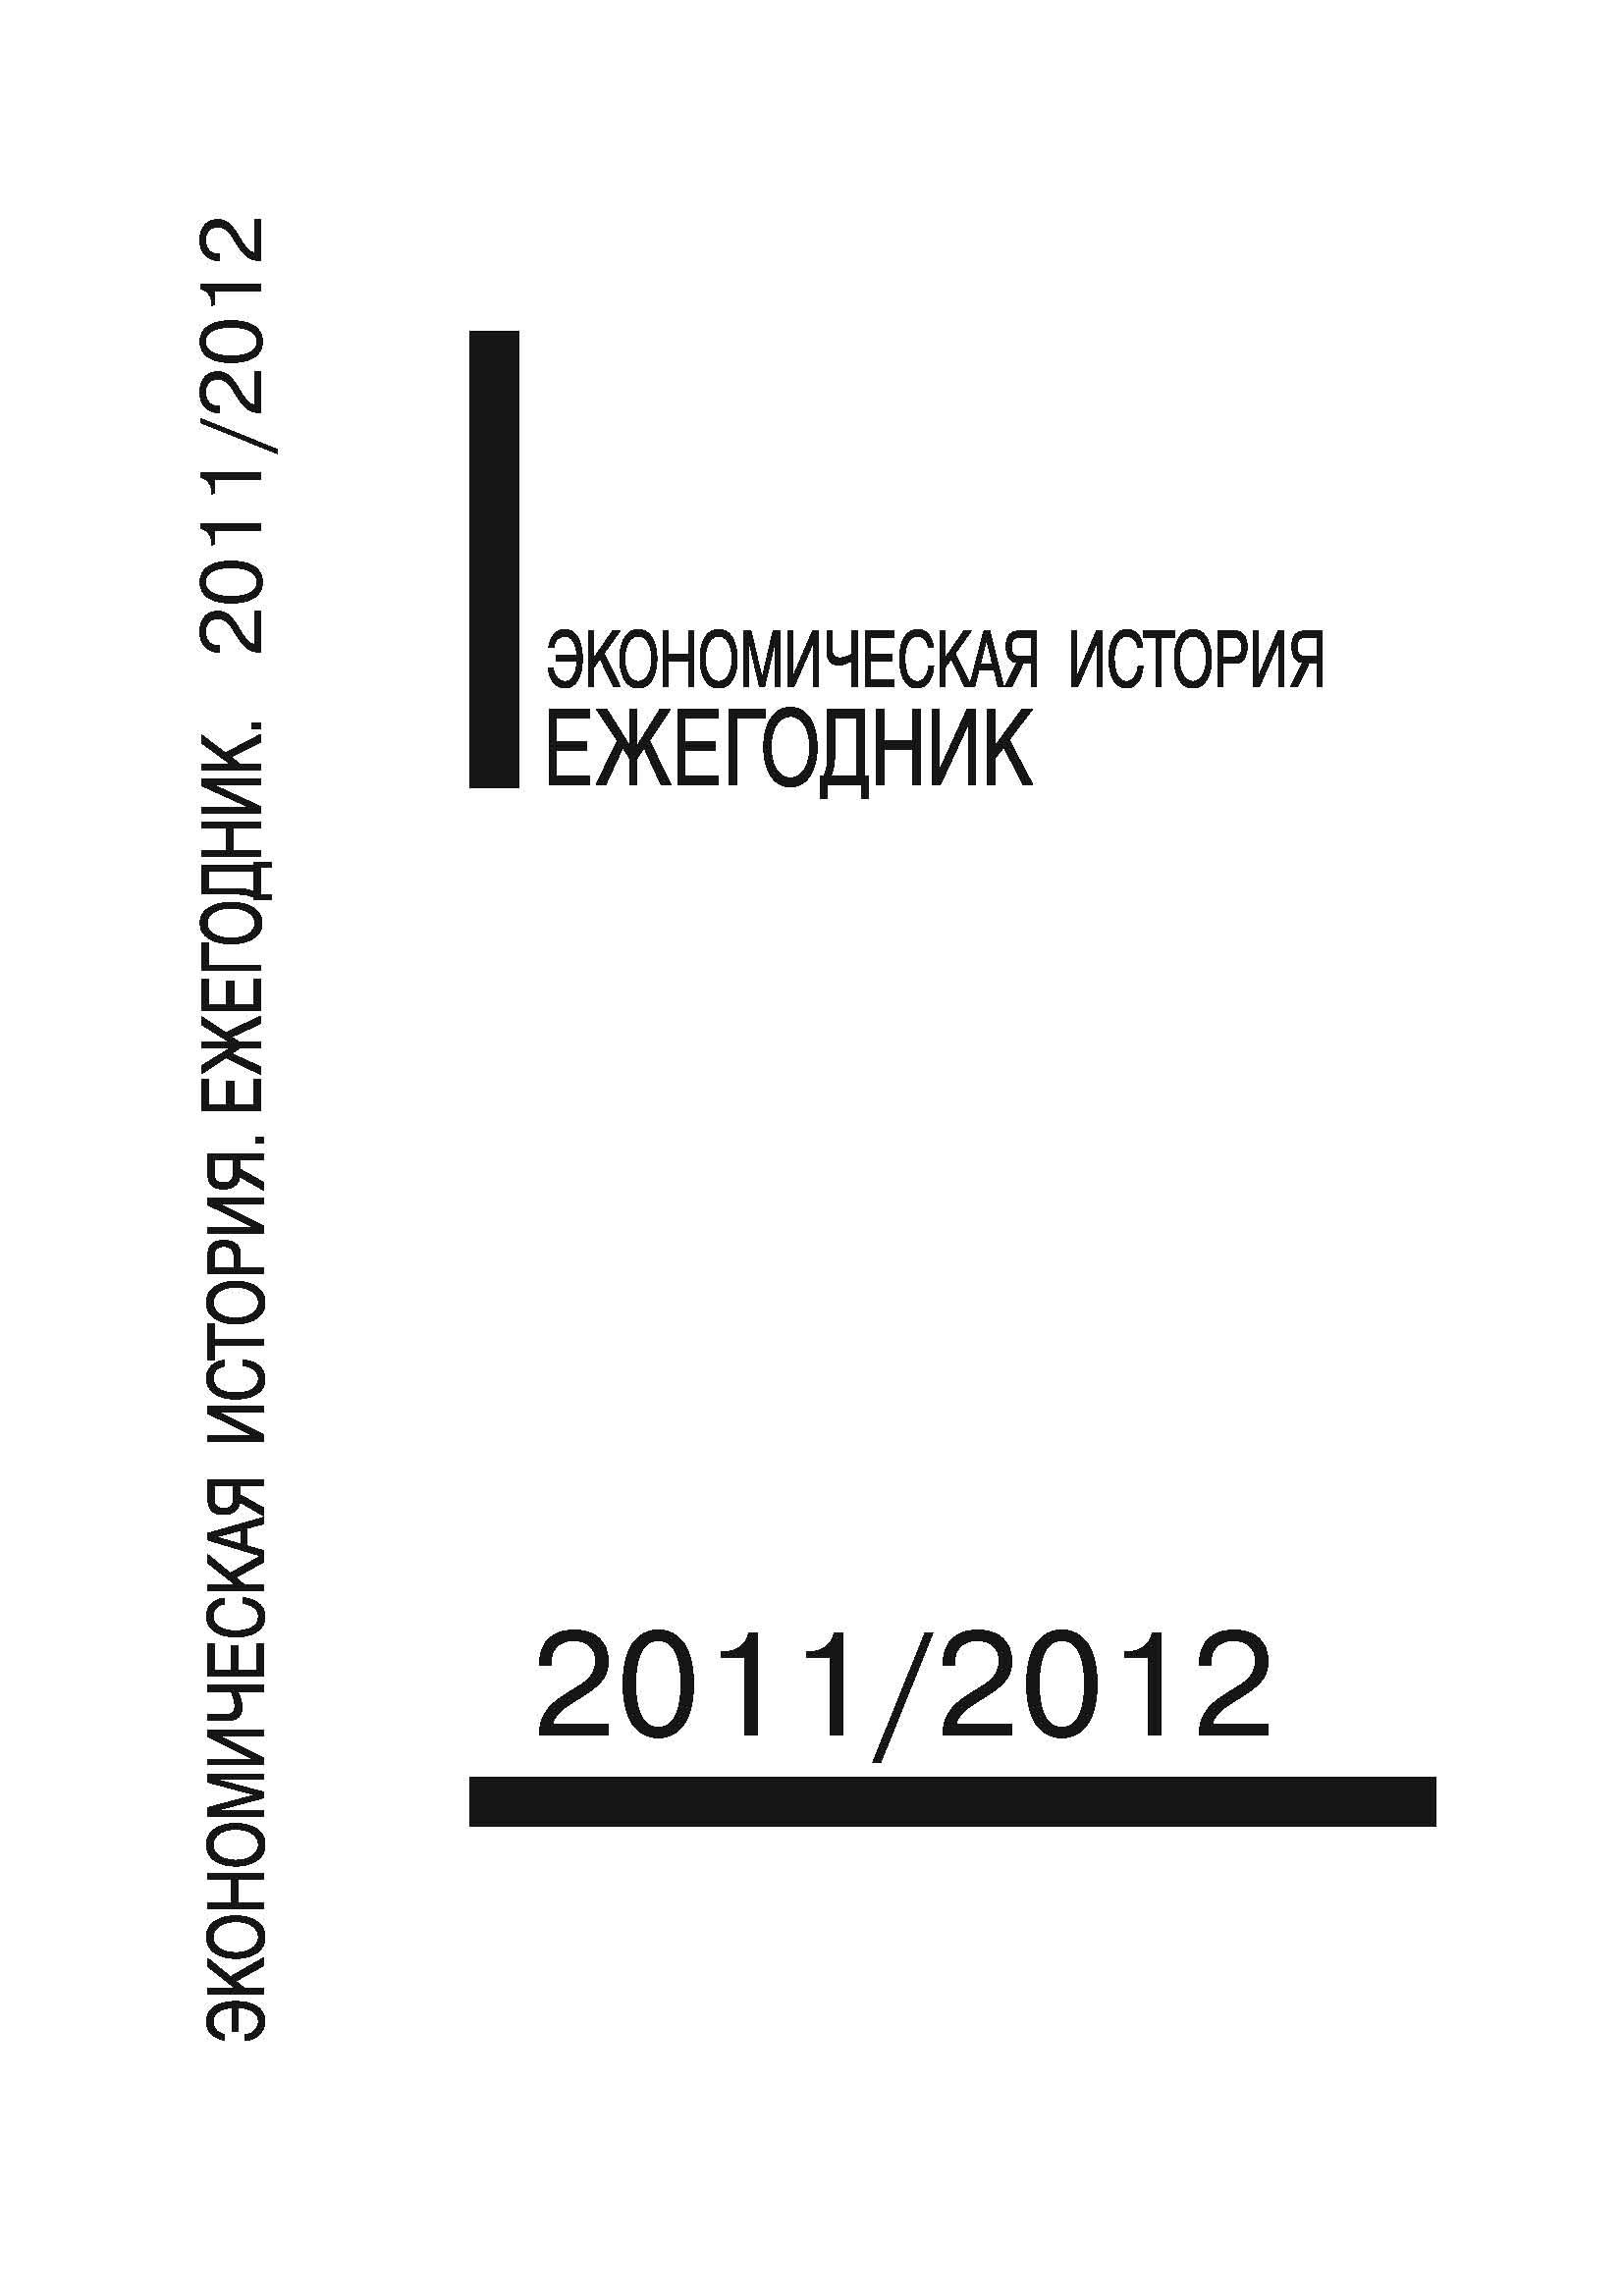 Экономическая история: Ежегодник. 2011/2012